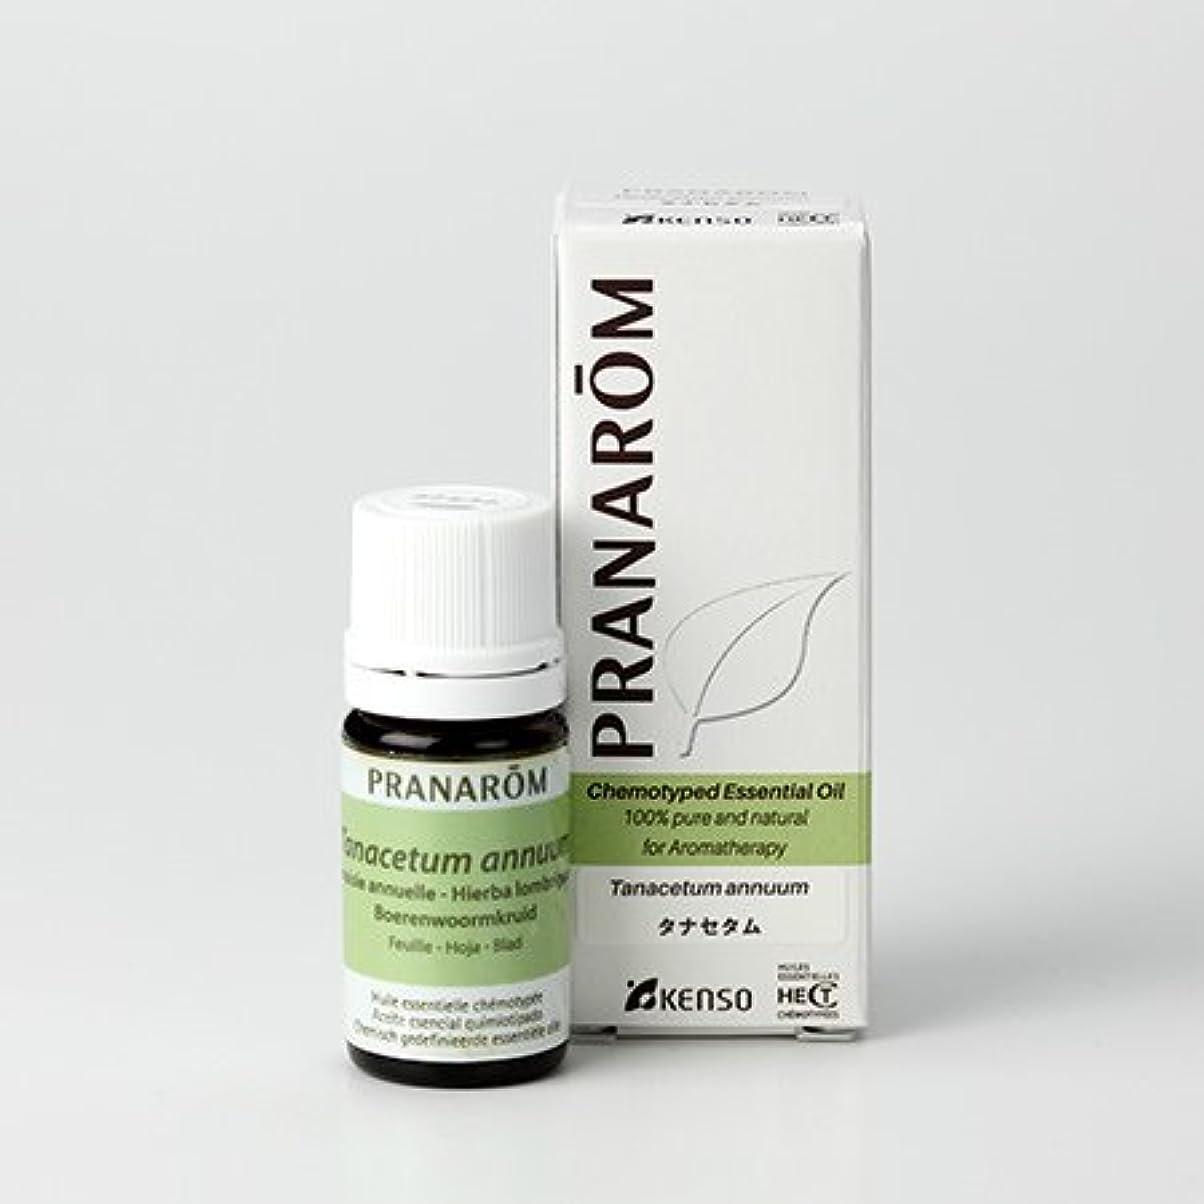 雨の流用する違うプラナロム タナセタム 5ml (PRANAROM ケモタイプ精油)